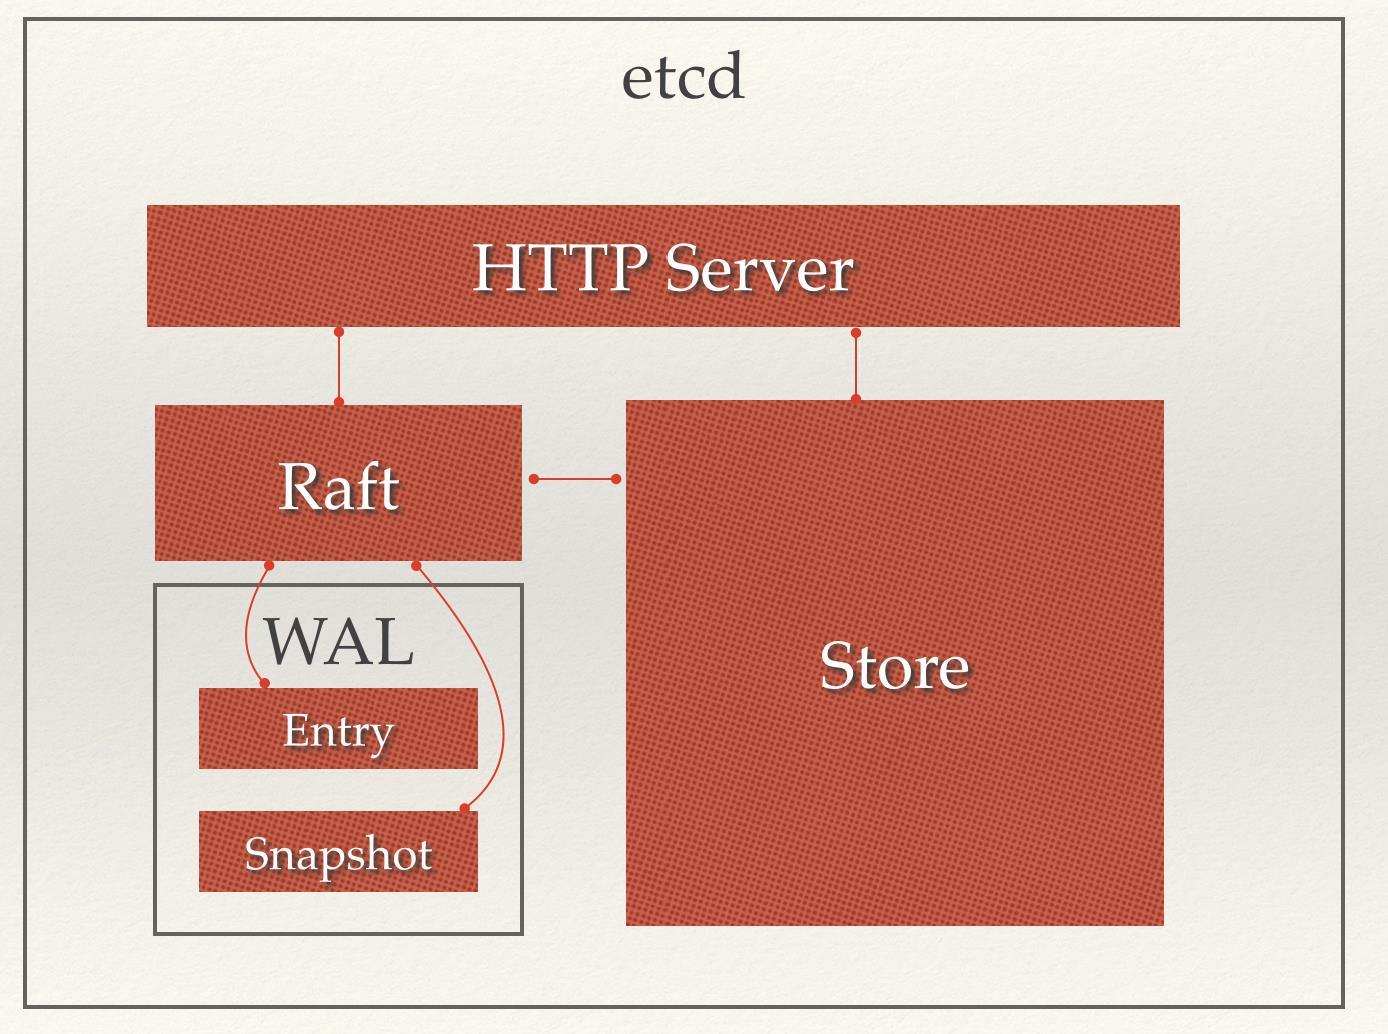 etcd的架构图